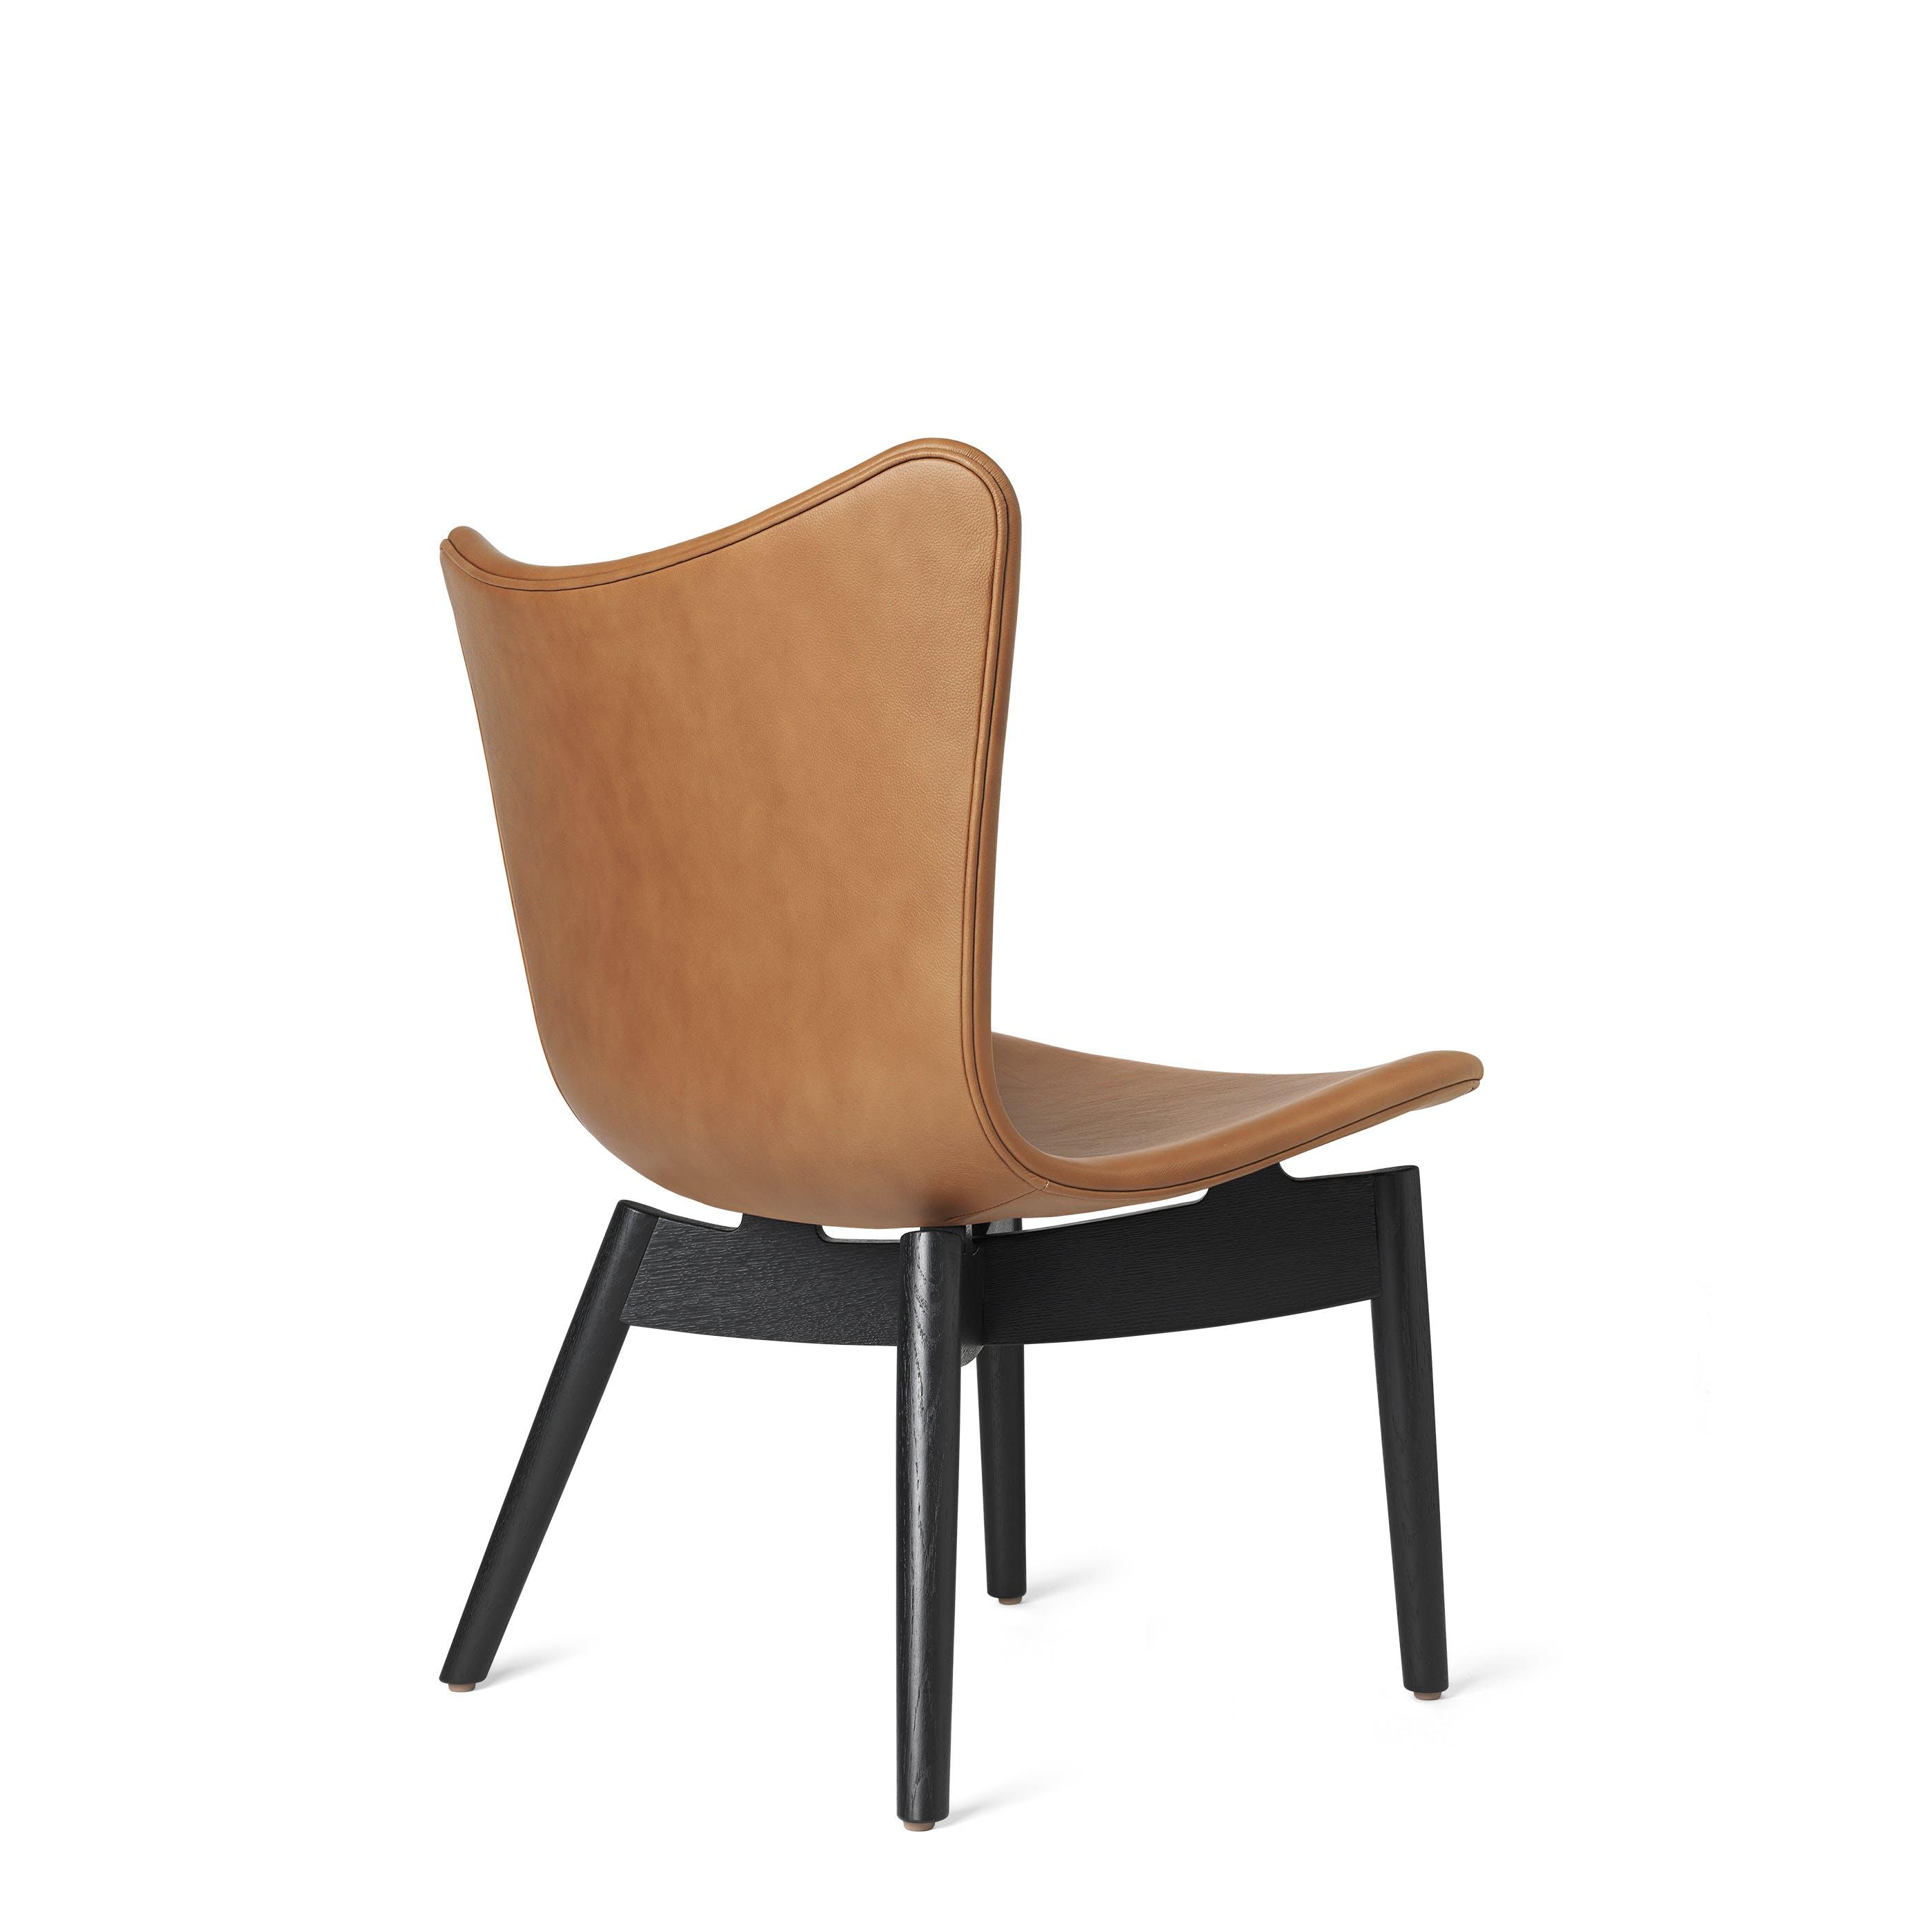 Mater Rust Shell Lounge Chair Black Legs Back Haute Living